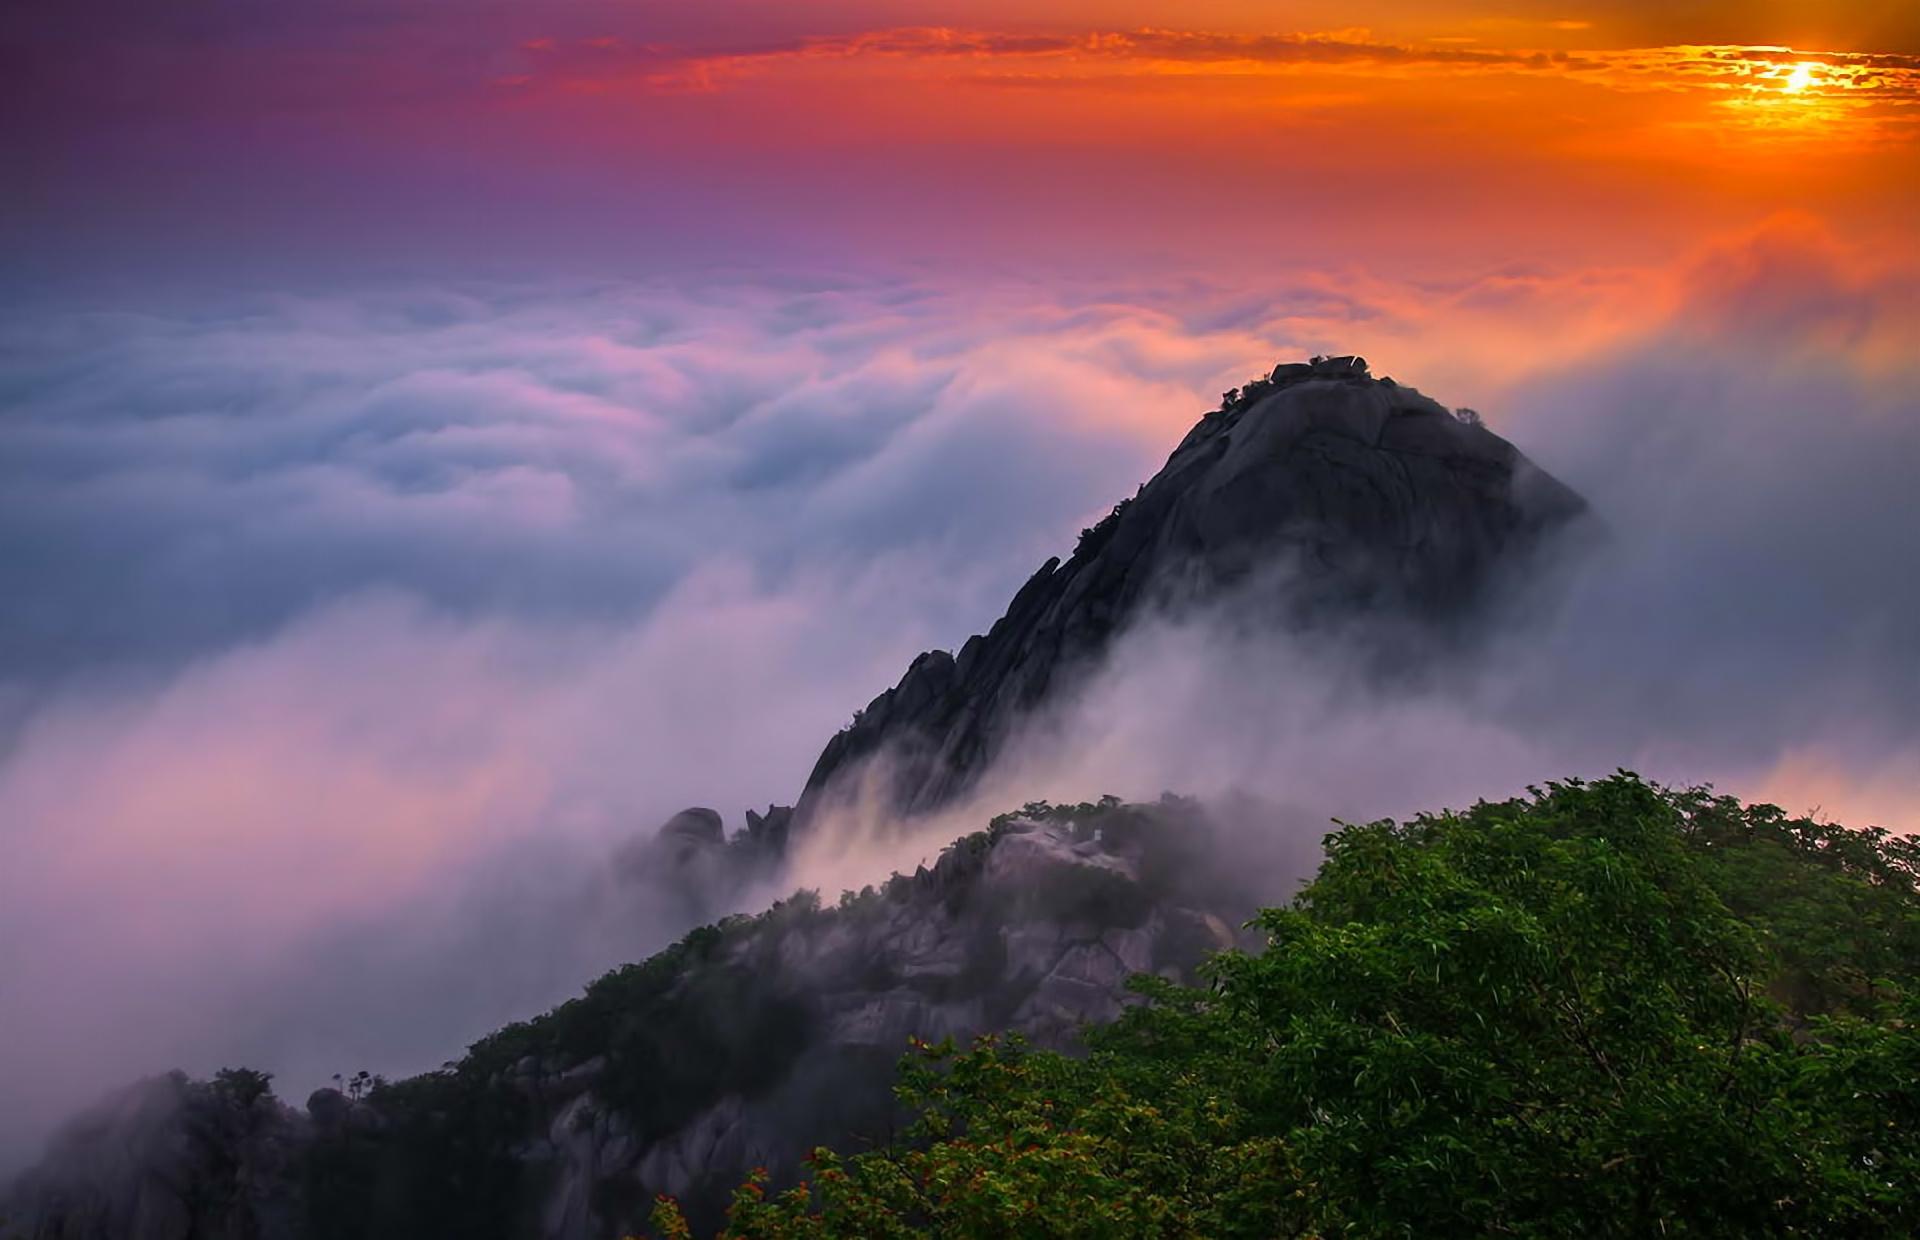 Landscape mountains sunrise clouds beauty Korea wallpaper 1920x1240